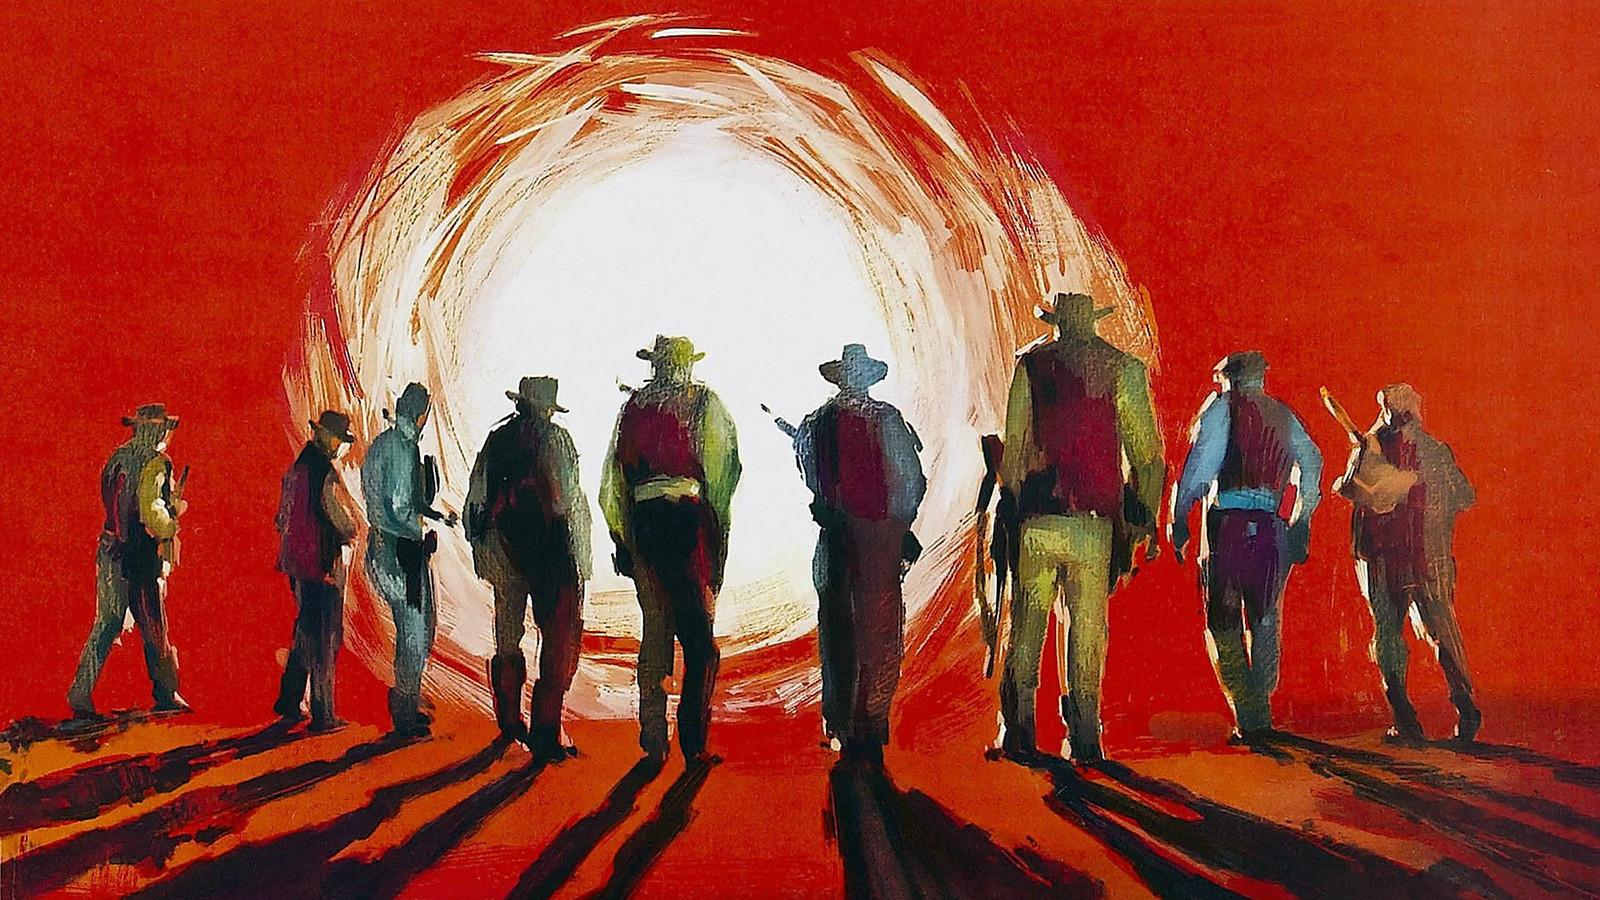 درباره نمایشگاه نقاشی تهمینه میلانی: کاهنان معبد مقدس یا مهمانان ناخوانده